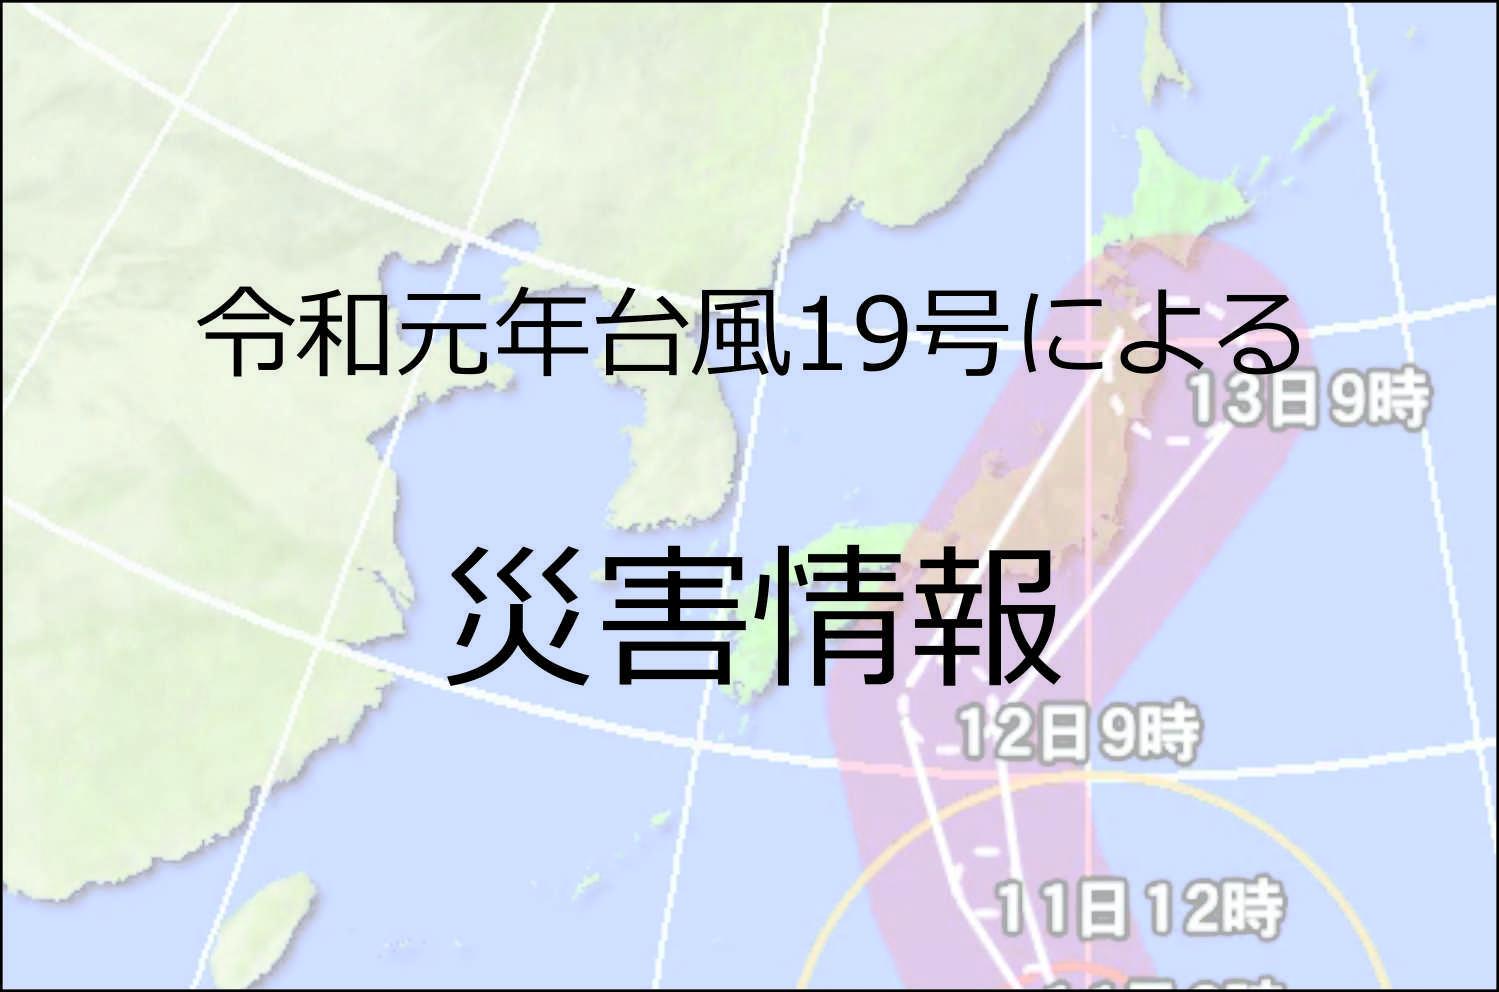 台風19号による交通規制のご案内